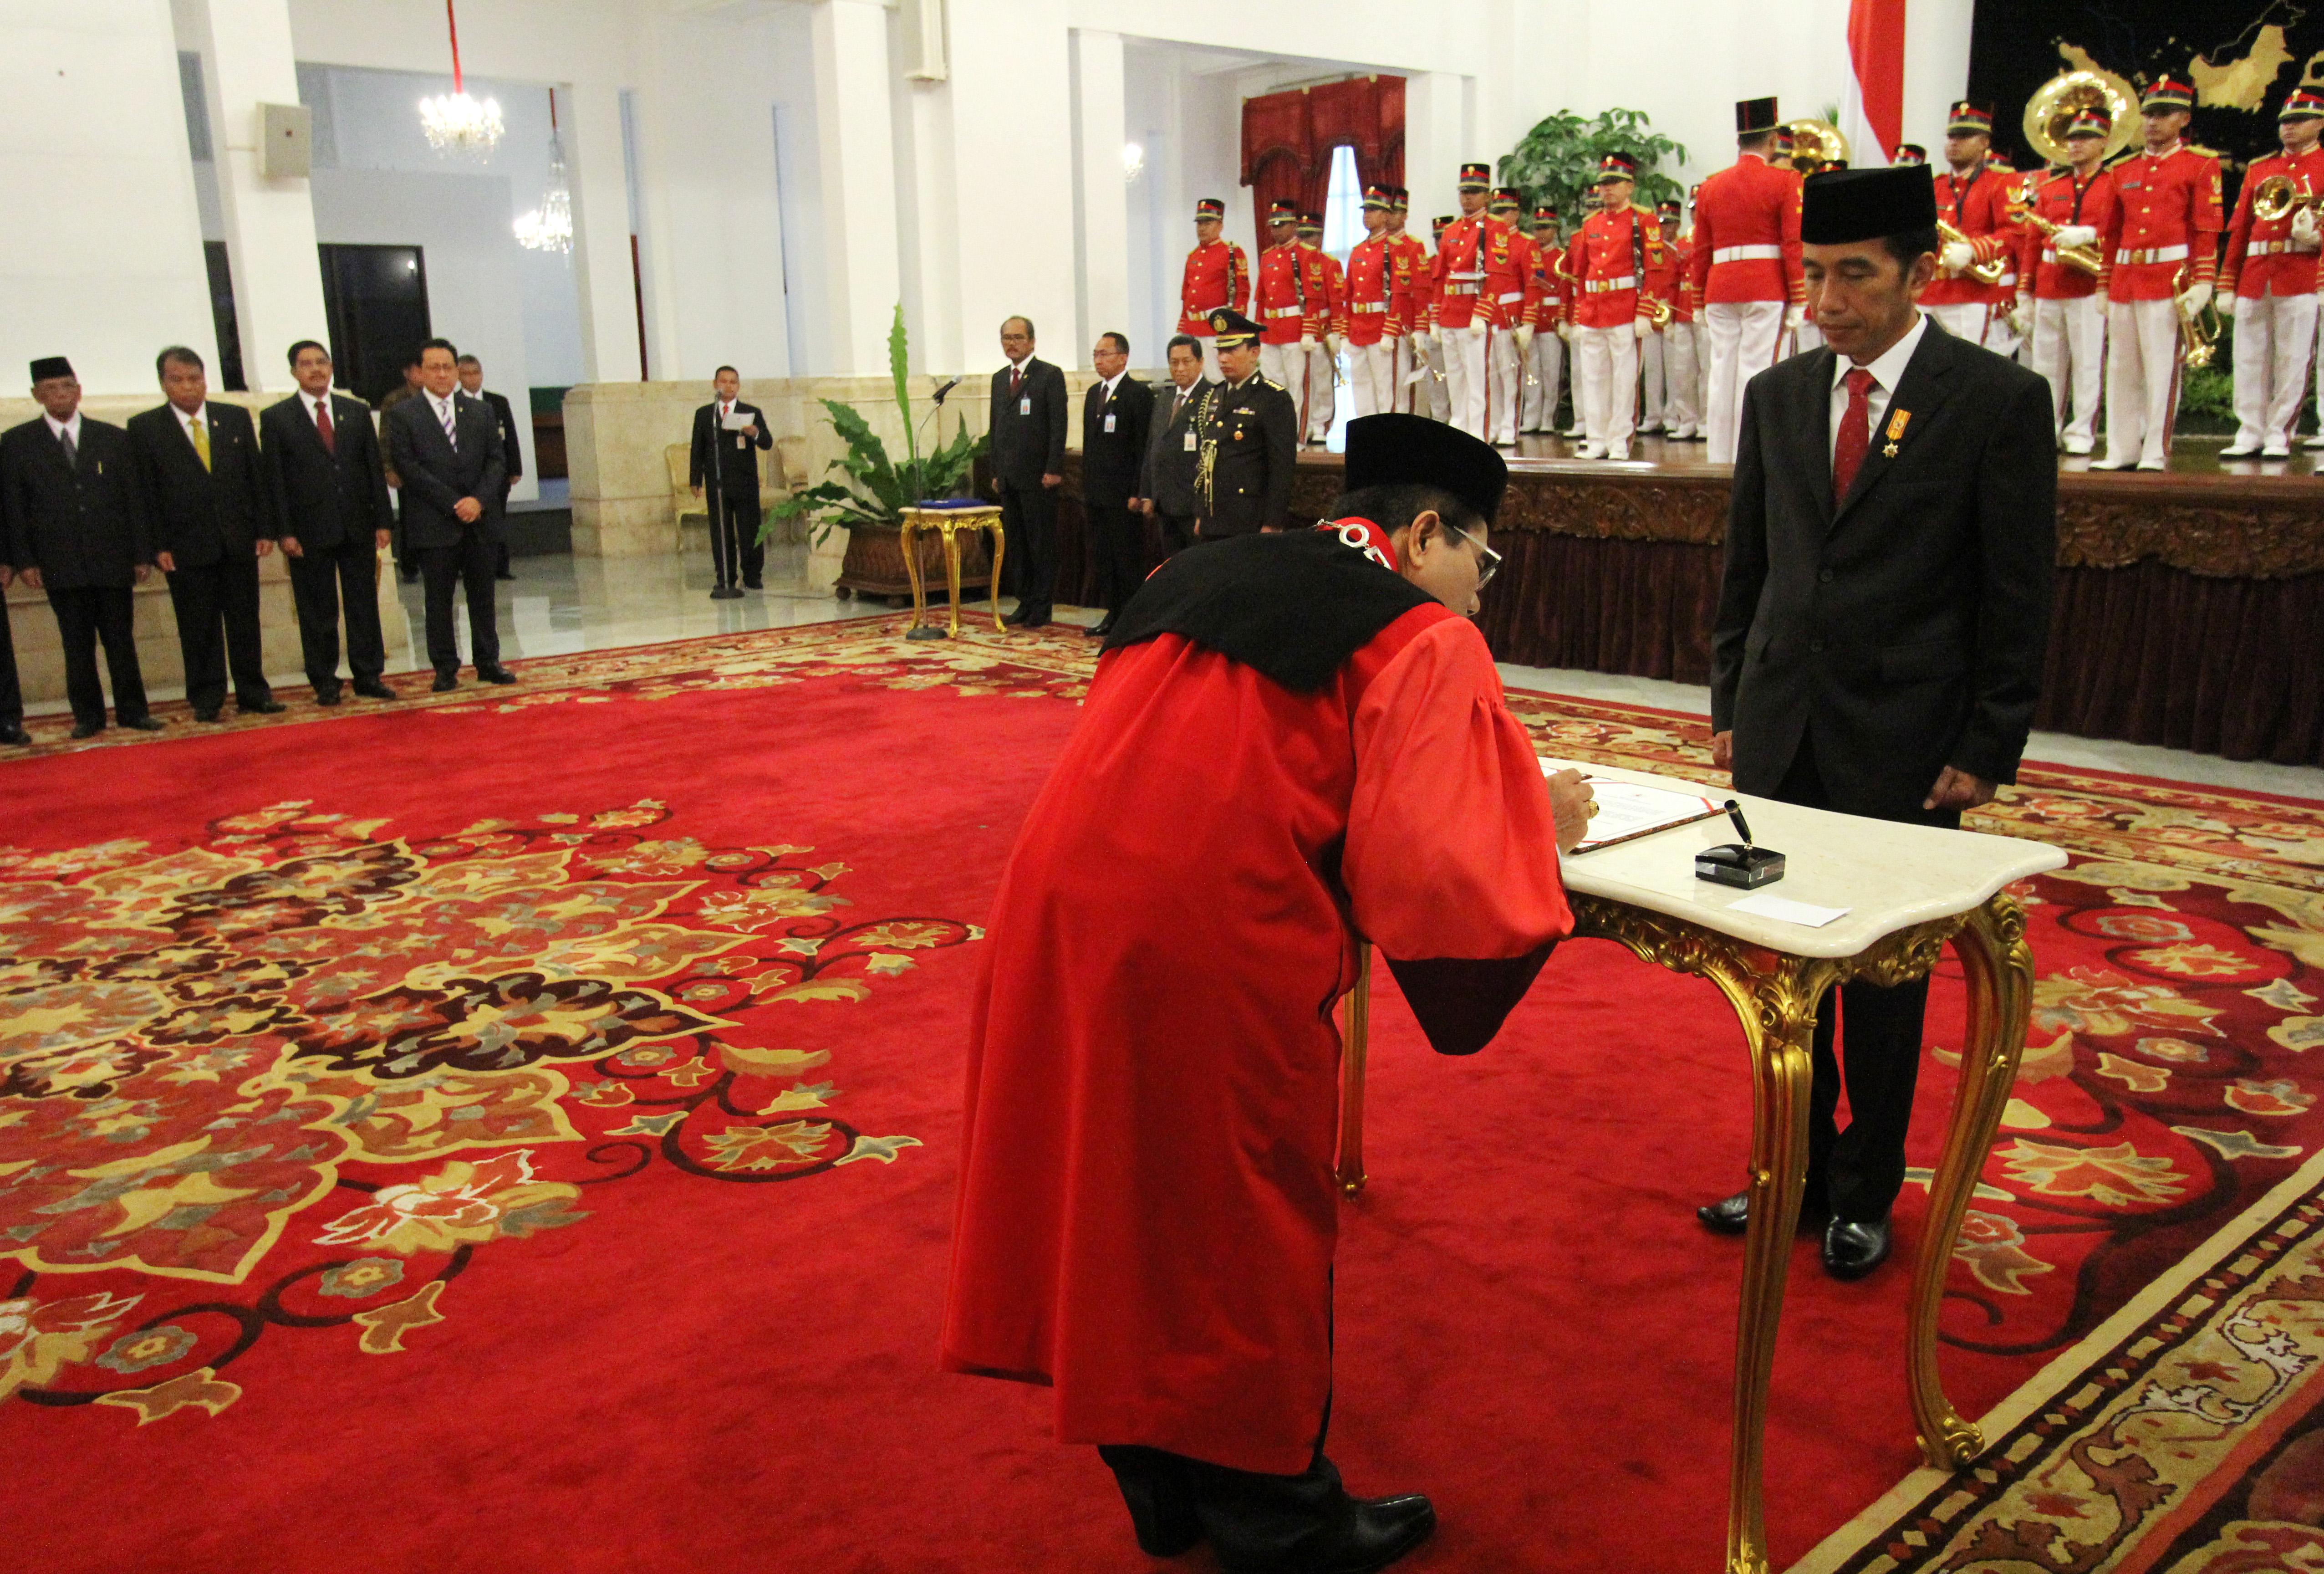 Penandatangan Hakim Konstitusi Manahan Sitompul dihadapan Presiden RI Joko Widodo di Istana Negara 28 April 2015